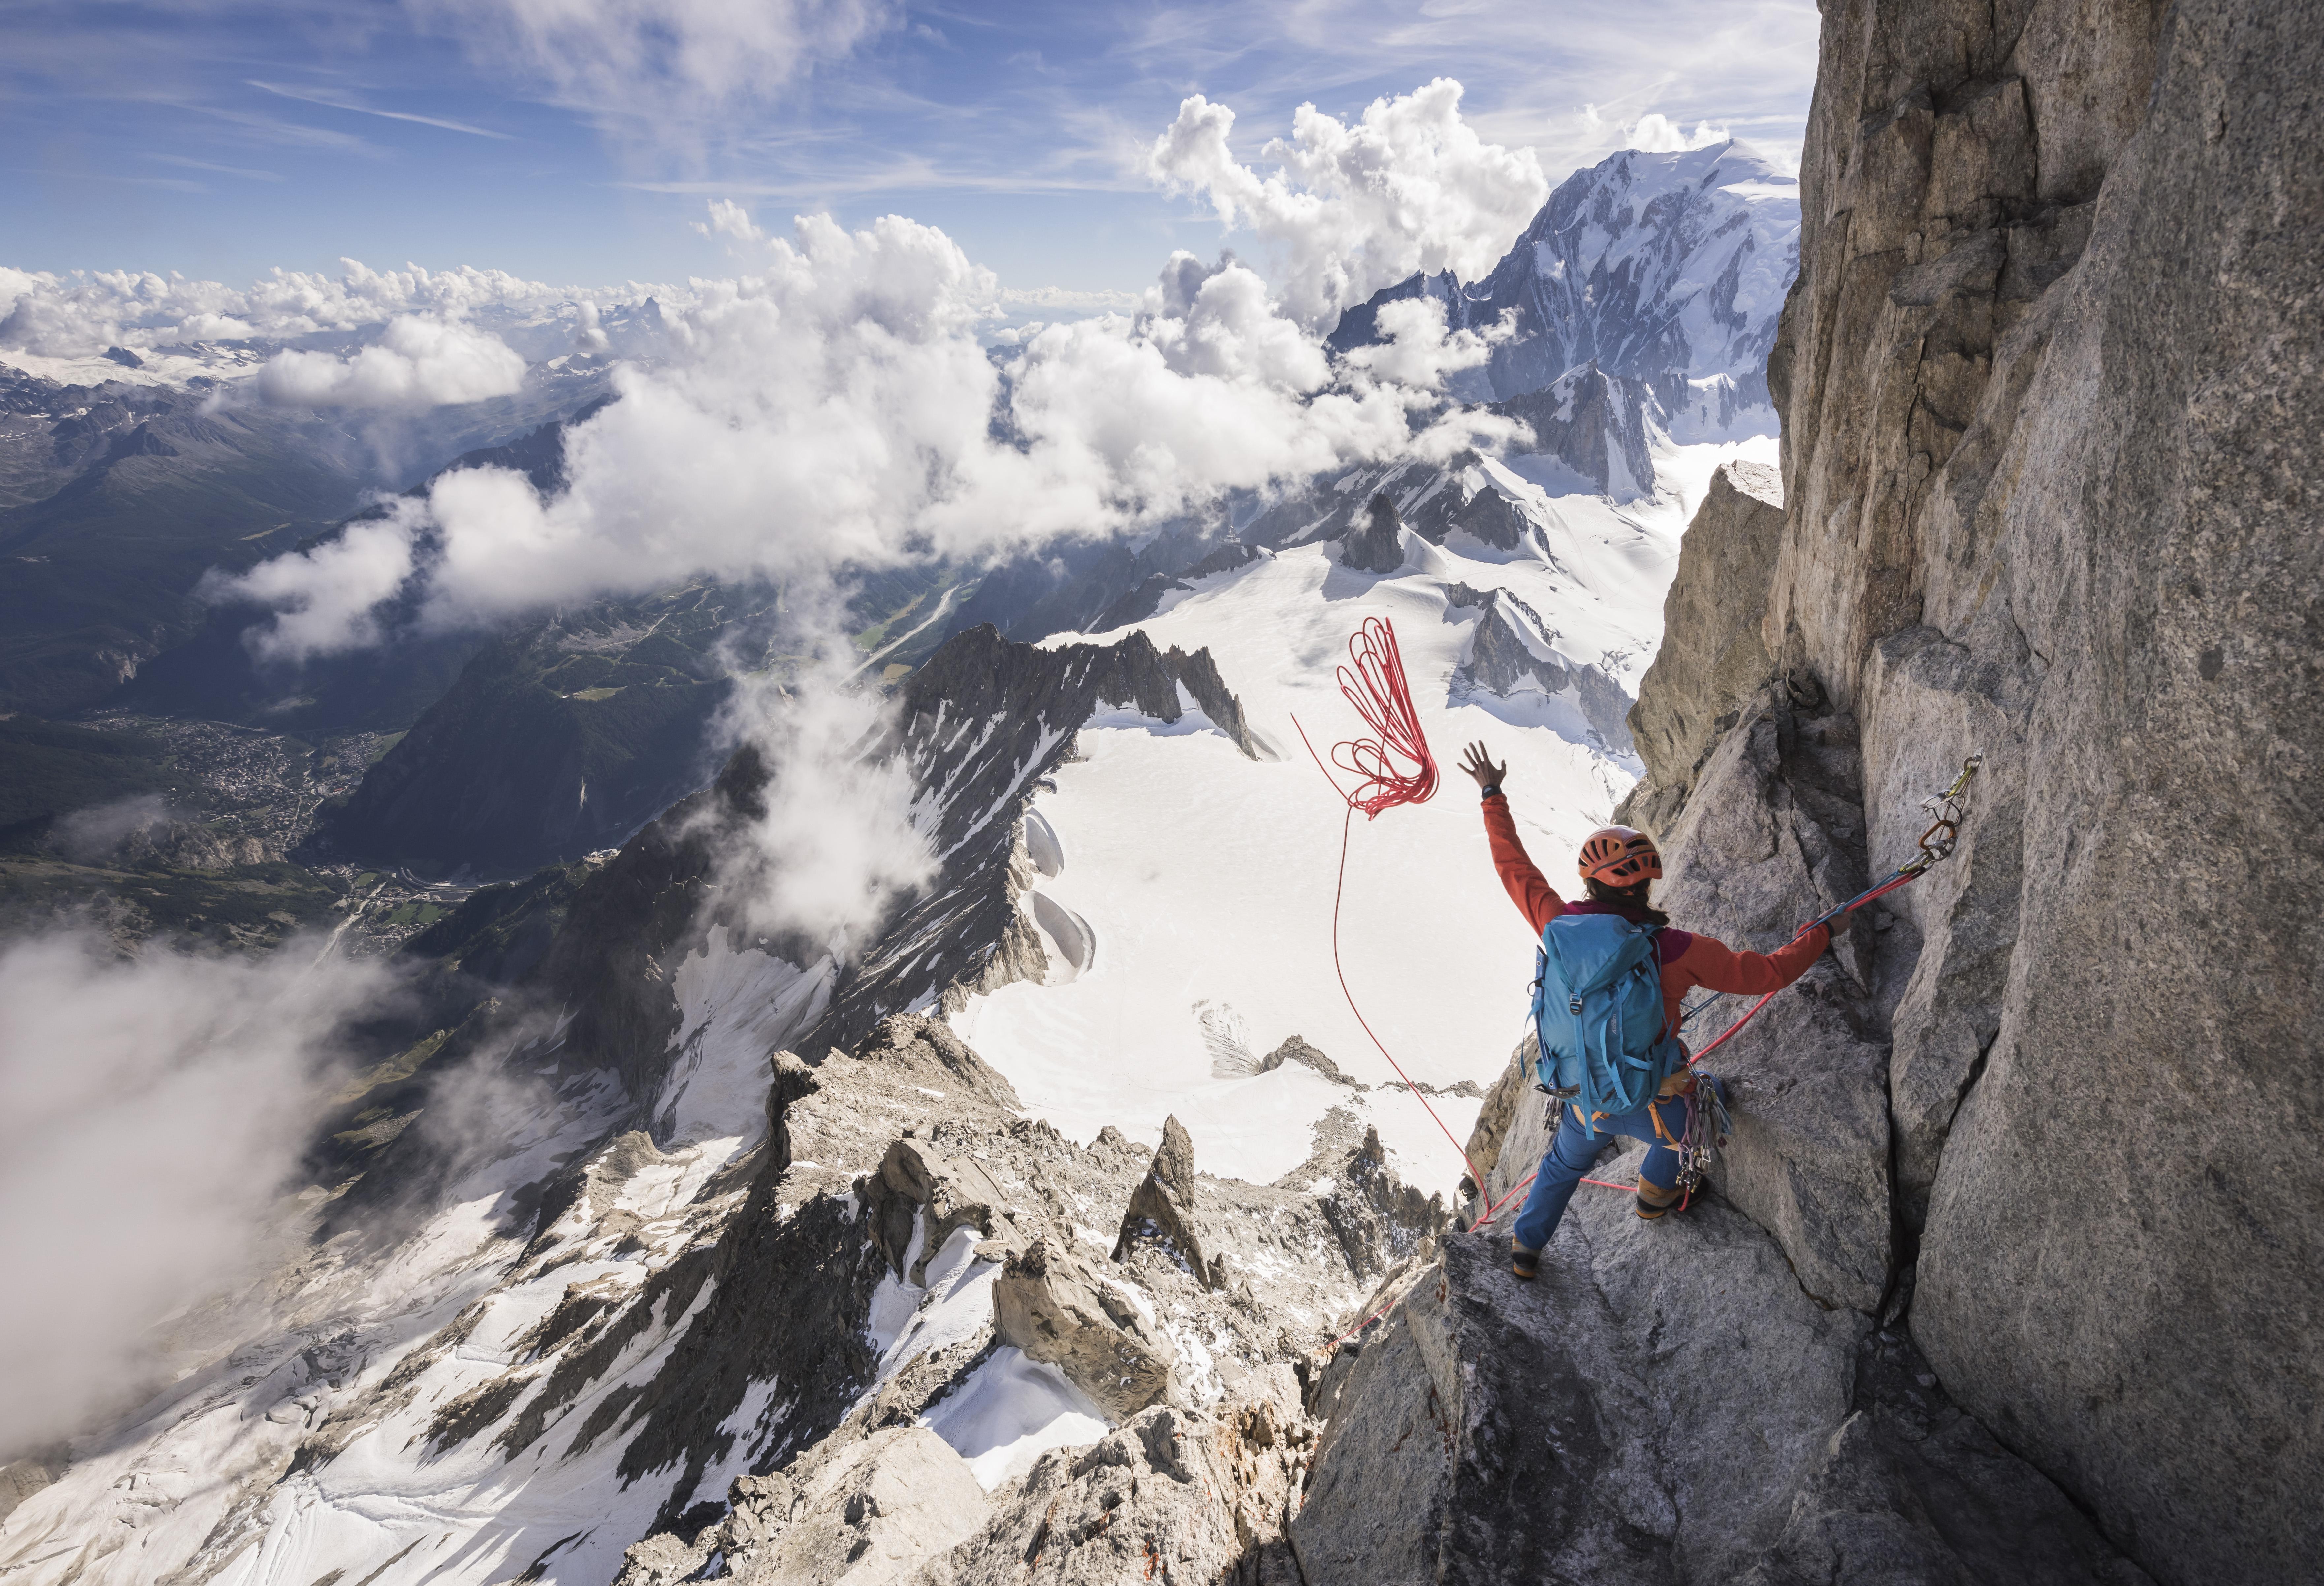 Des aventures et une dose d'inspiration au prochain Festival du film de montagne de Banff